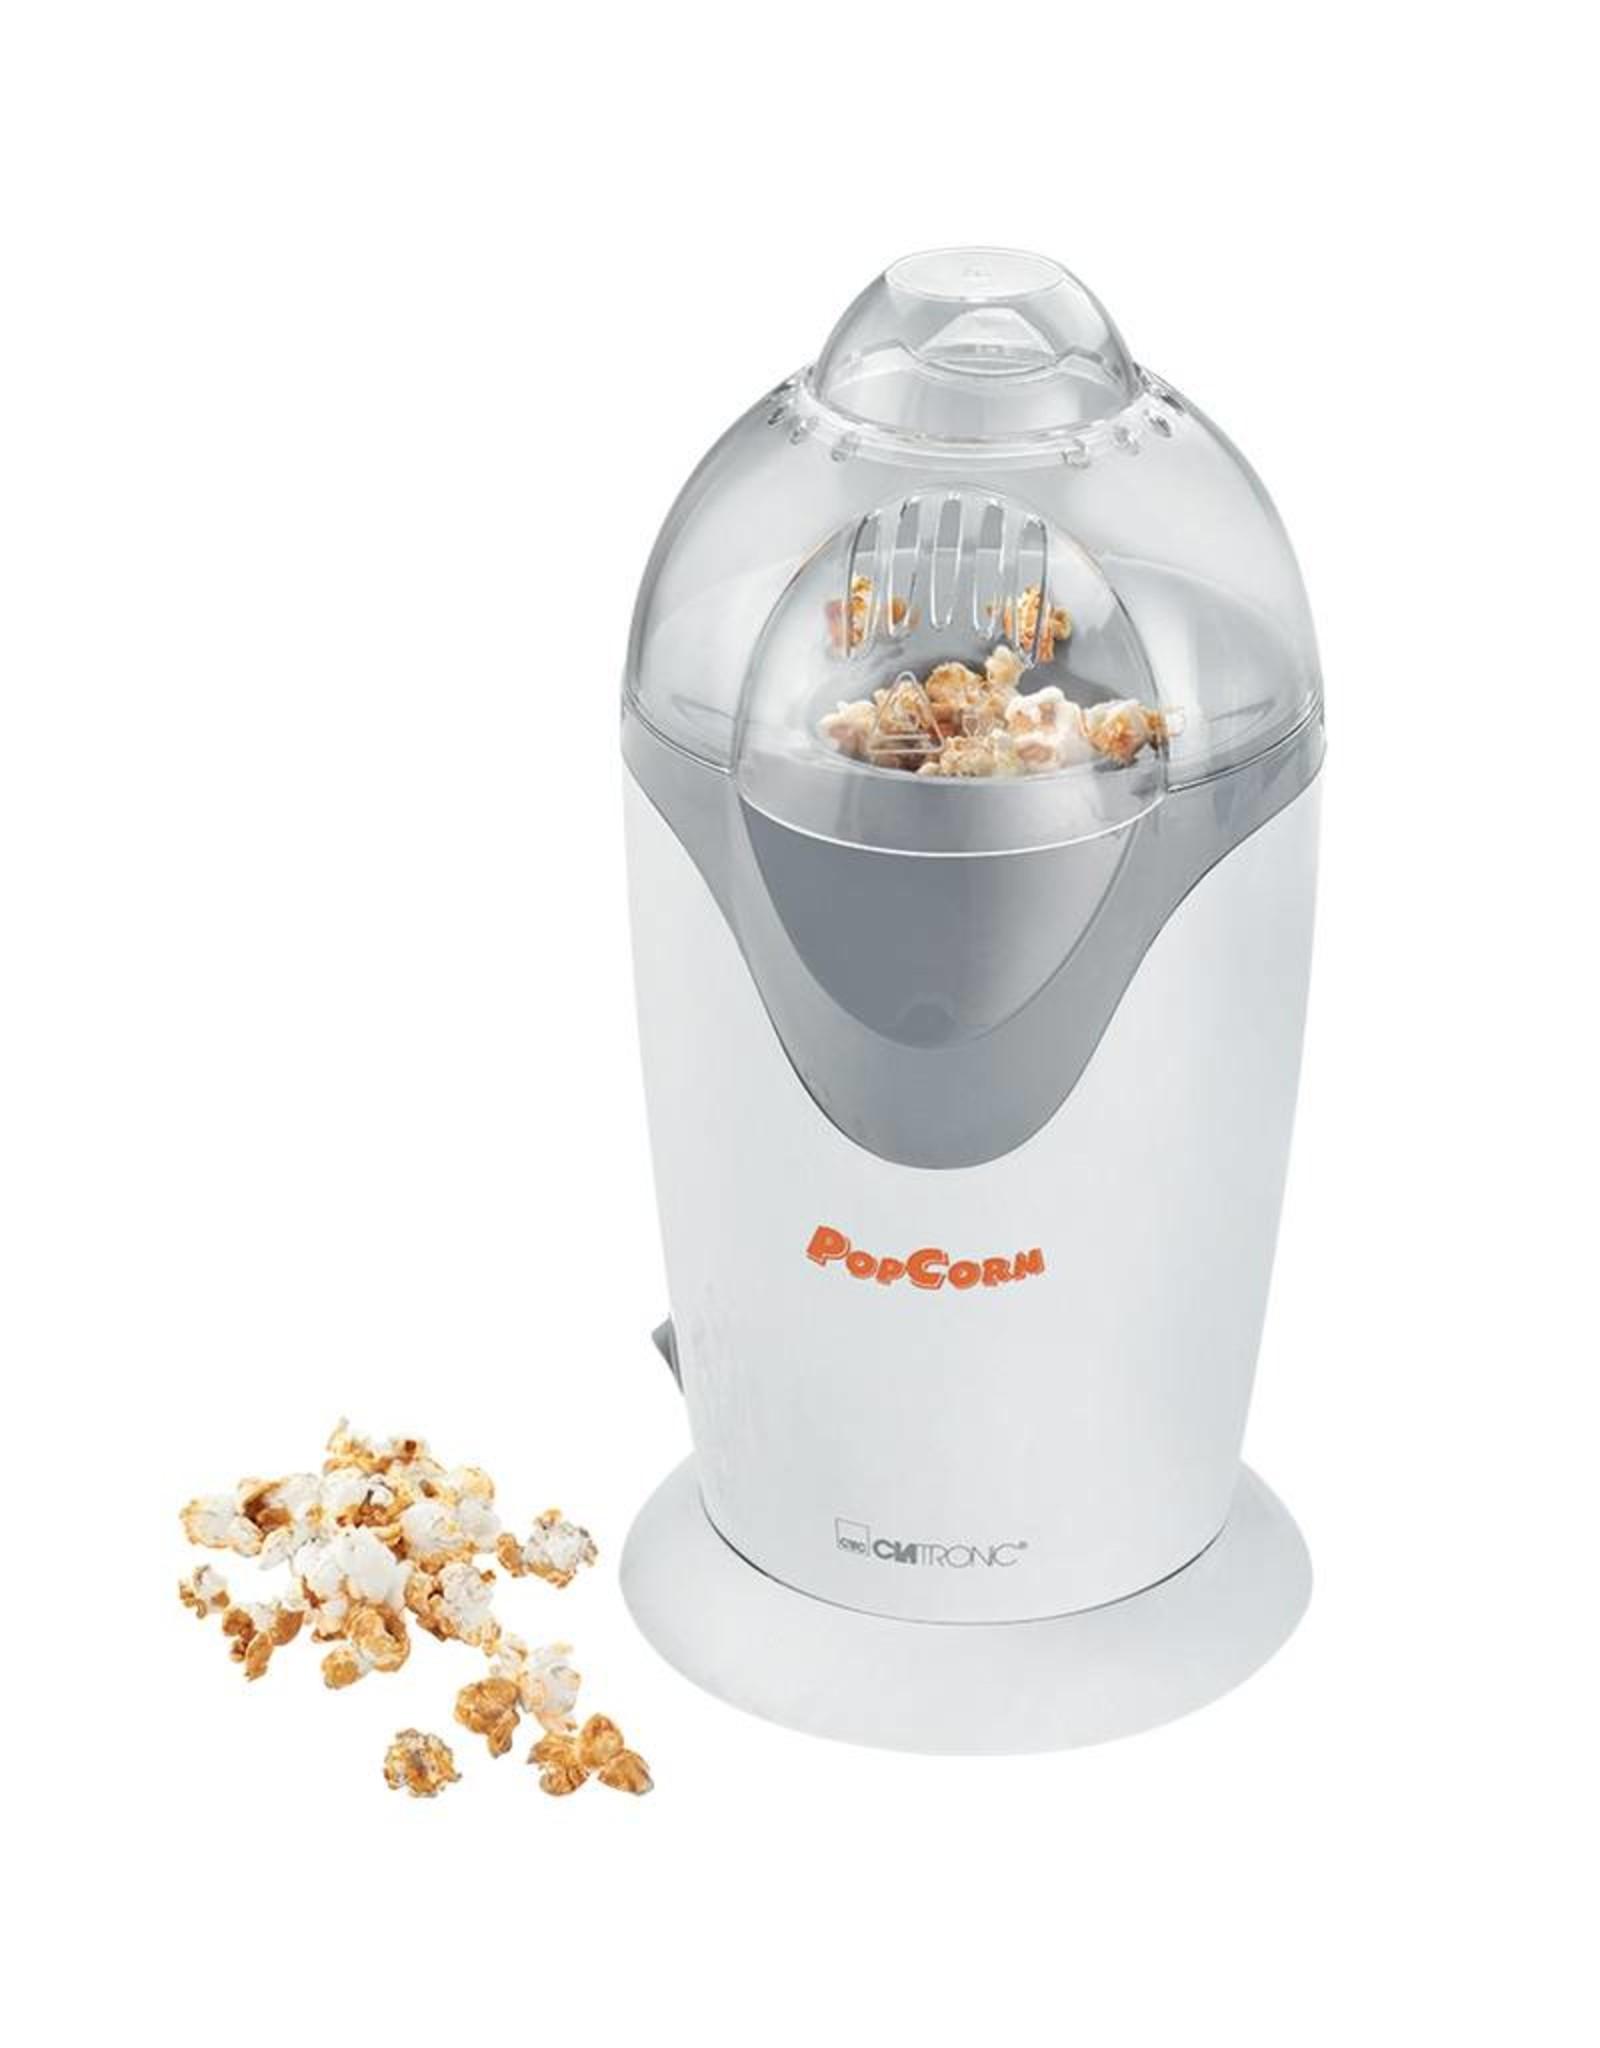 Clatronic Clatronic PM 3635 1200W Wit popcorn popper